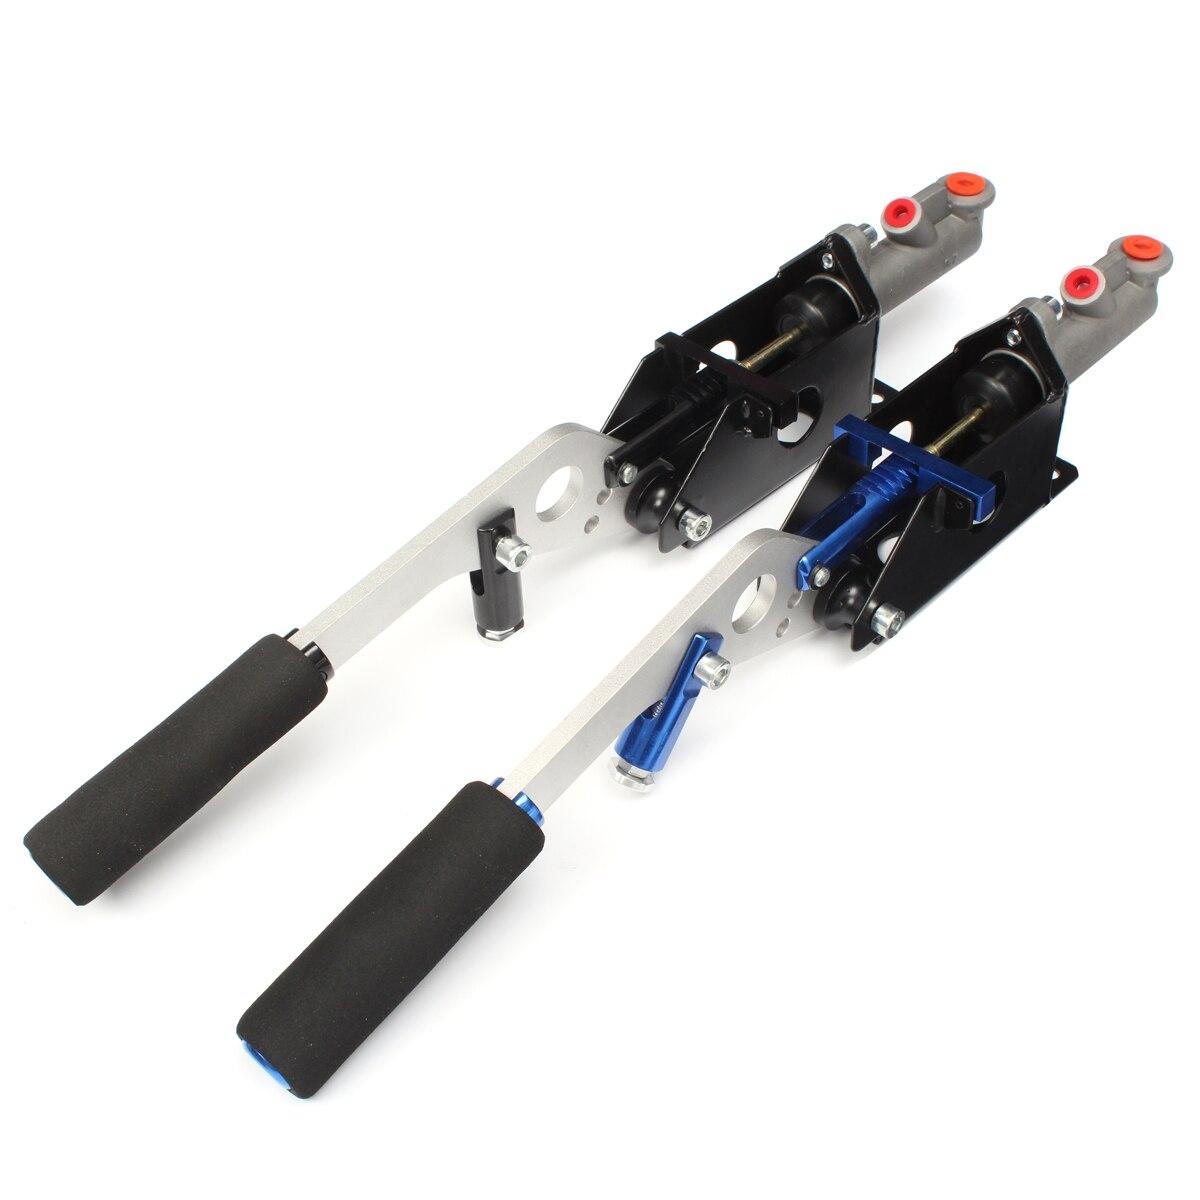 Accessoires auto universel hydraulique Horizontal course dérive frein à main main E frein Parking frein levier - 3